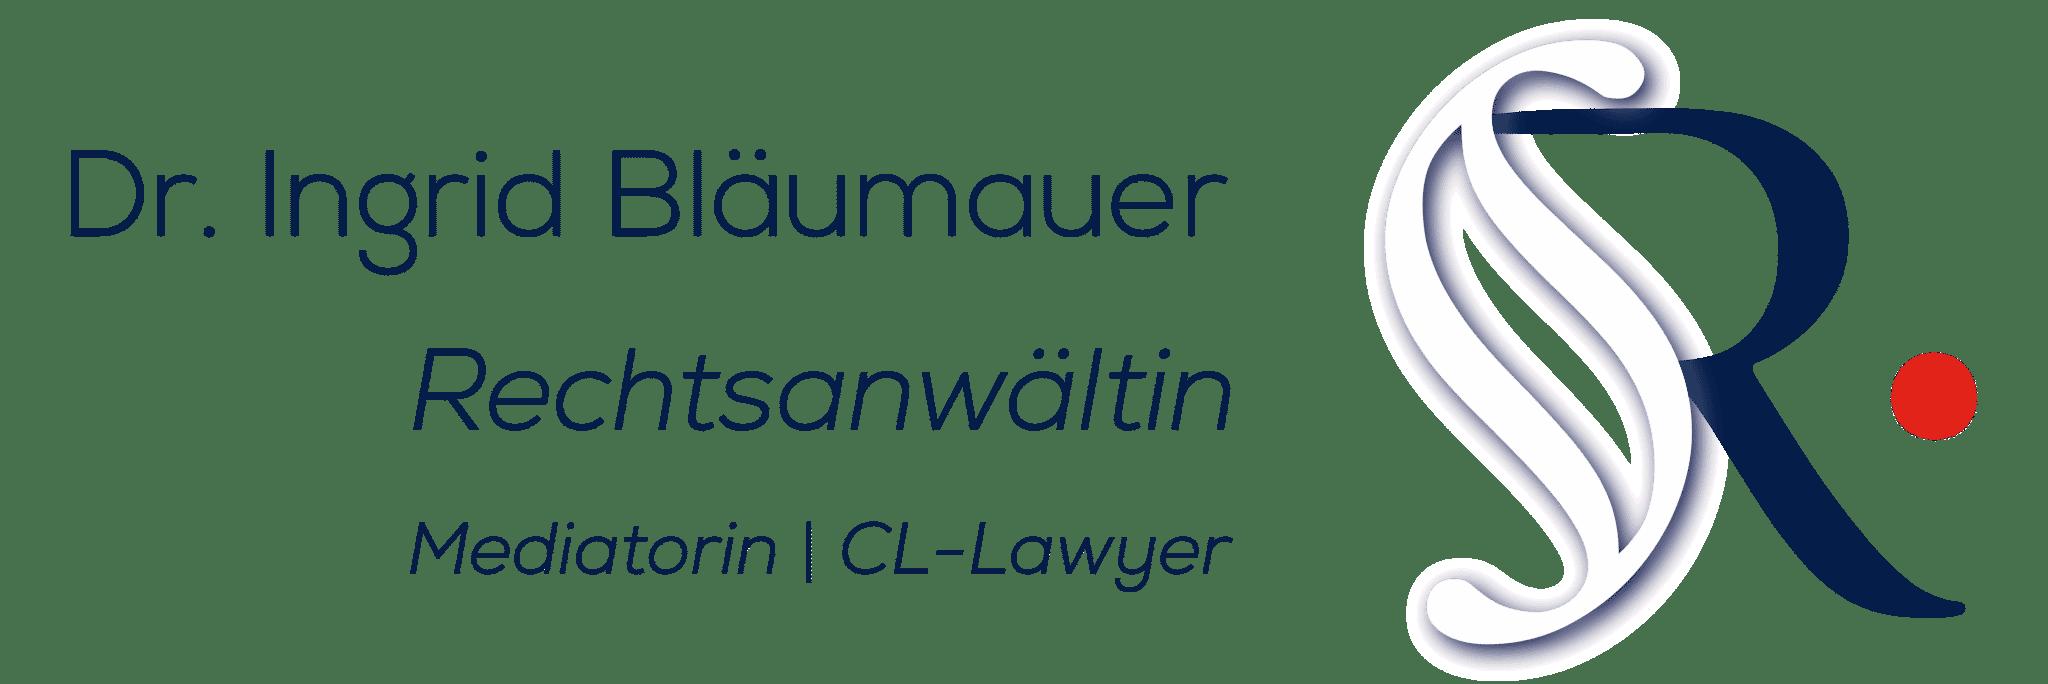 Dr. Ingrid Bläumauer 1030 Wien Logo Anwältin